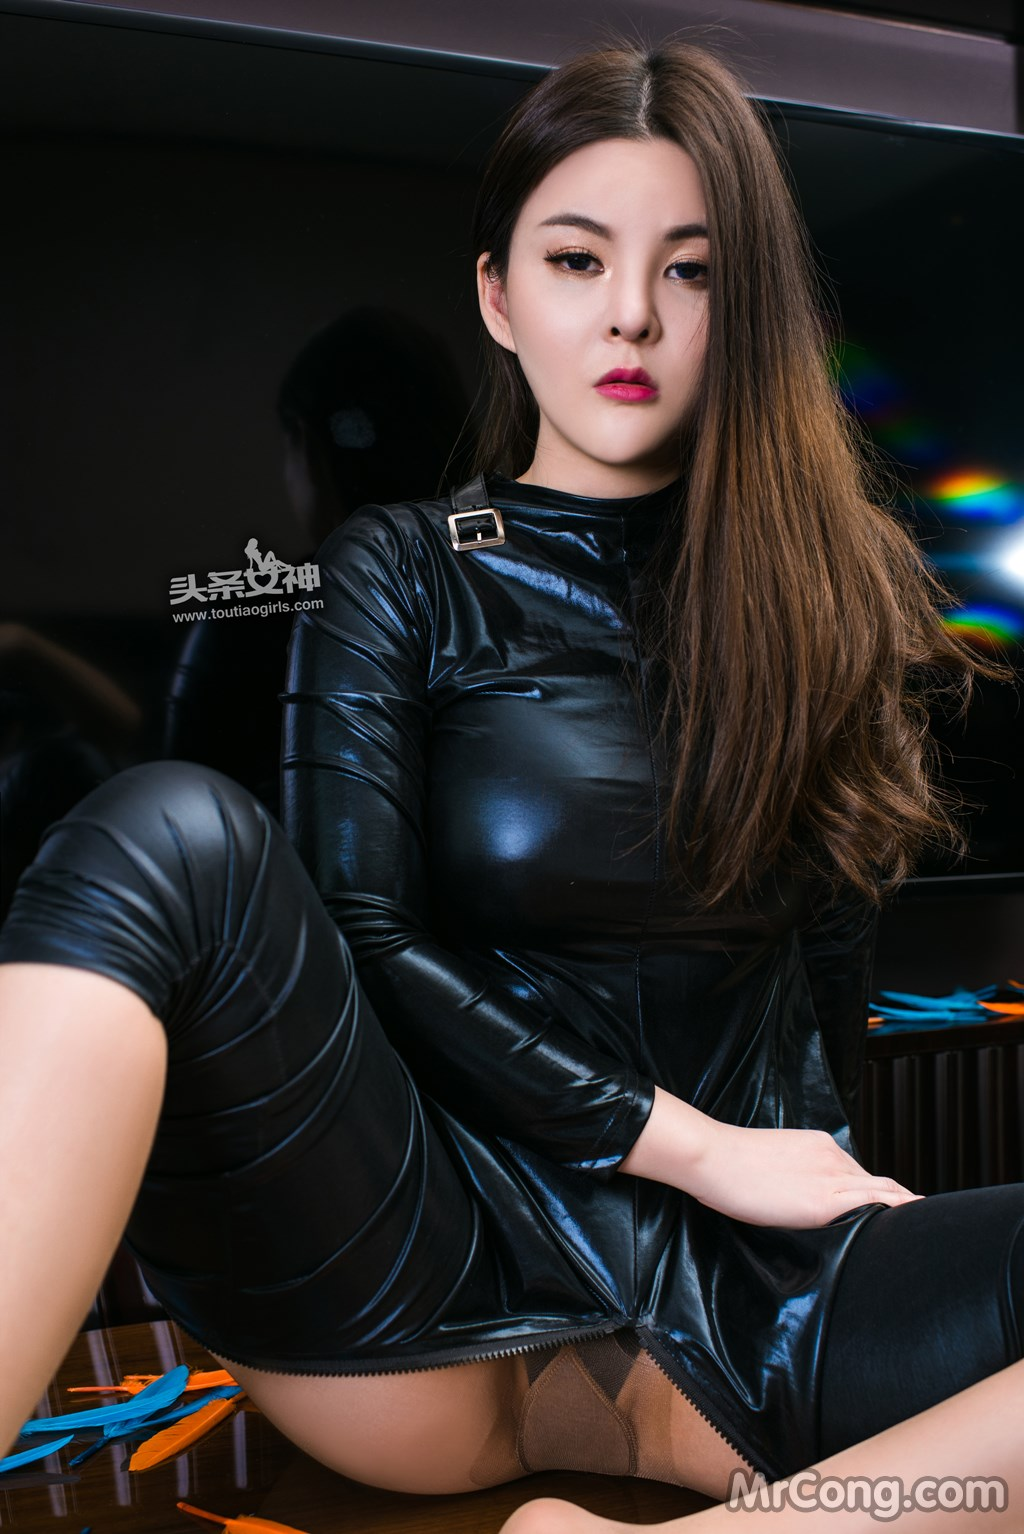 Image MrCong.com-TouTiao-2017-02-11-Tong-An-Qi-014 in post TouTiao 2017-02-11: Người mẫu Tong An Qi (童安琪) (27 ảnh)